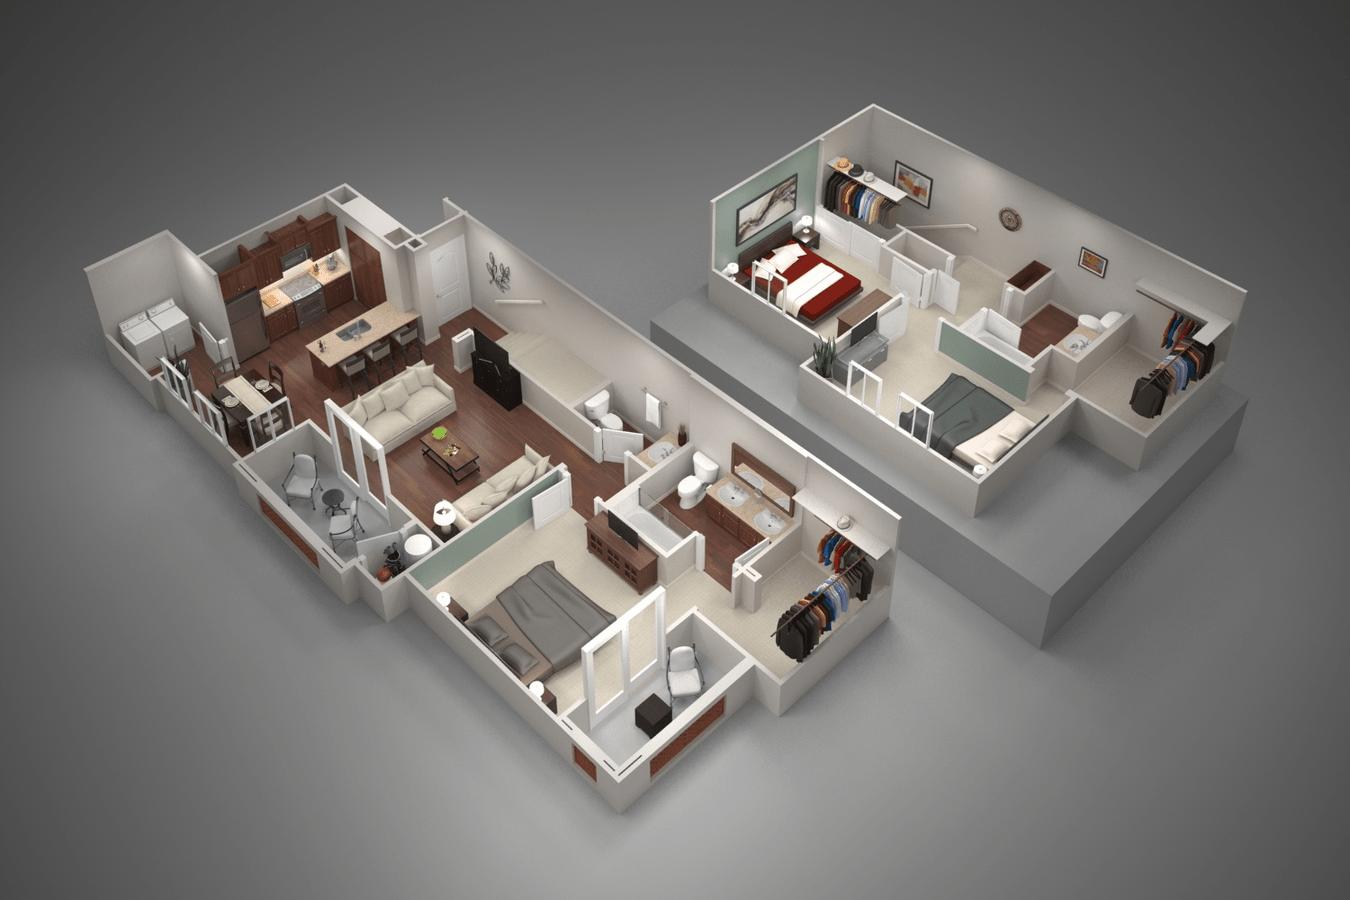 3 Bedrooms 3 Bathrooms Apartment for rent at San Capella in Tempe, AZ